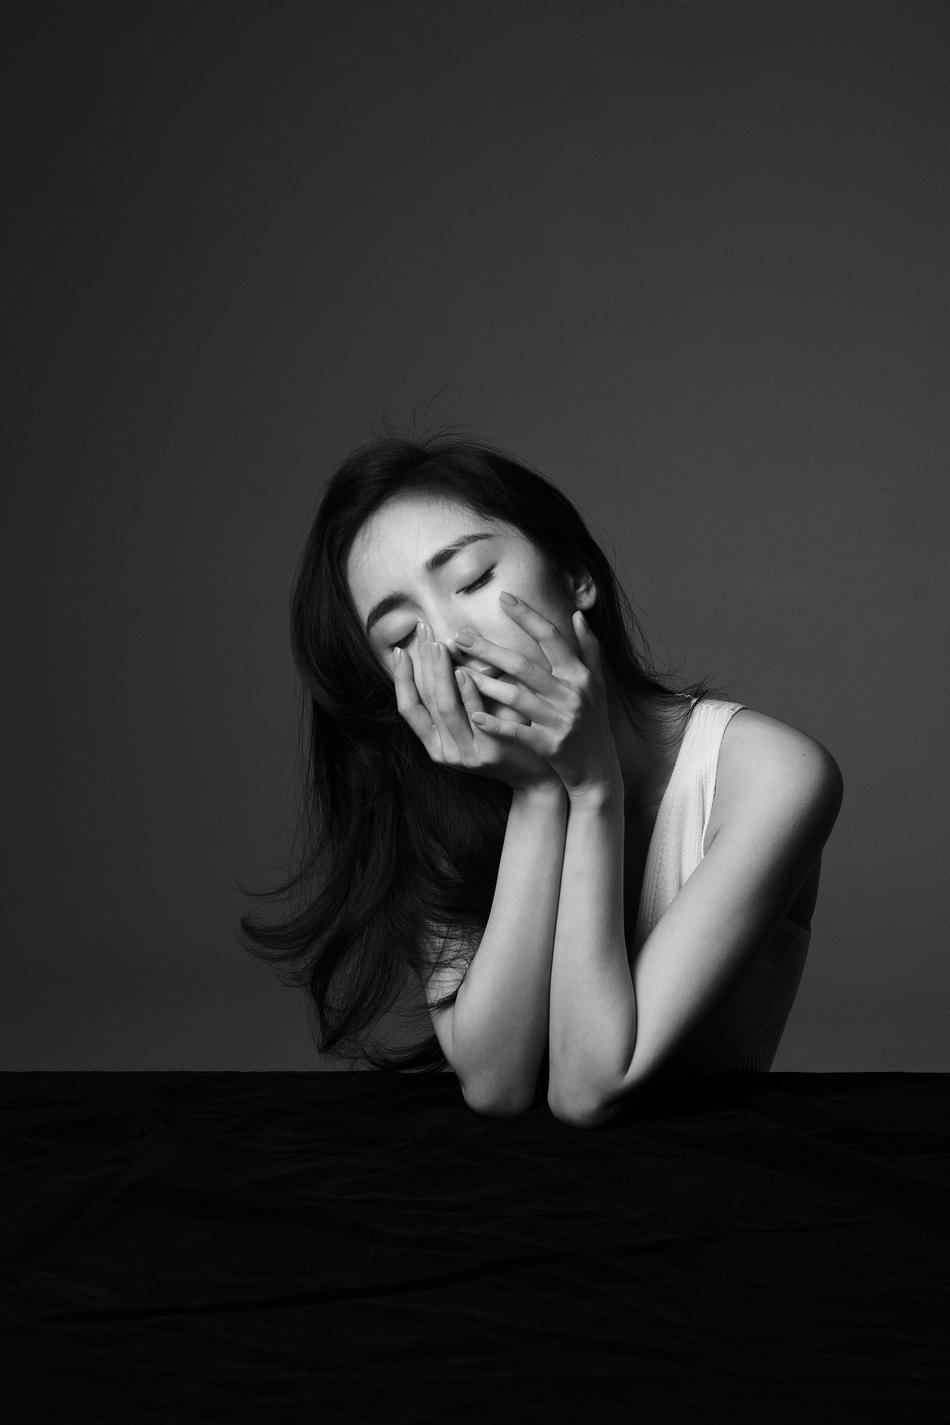 杨幂黑白质感大片释出 极简造型营造高级氛围-幽兰花香